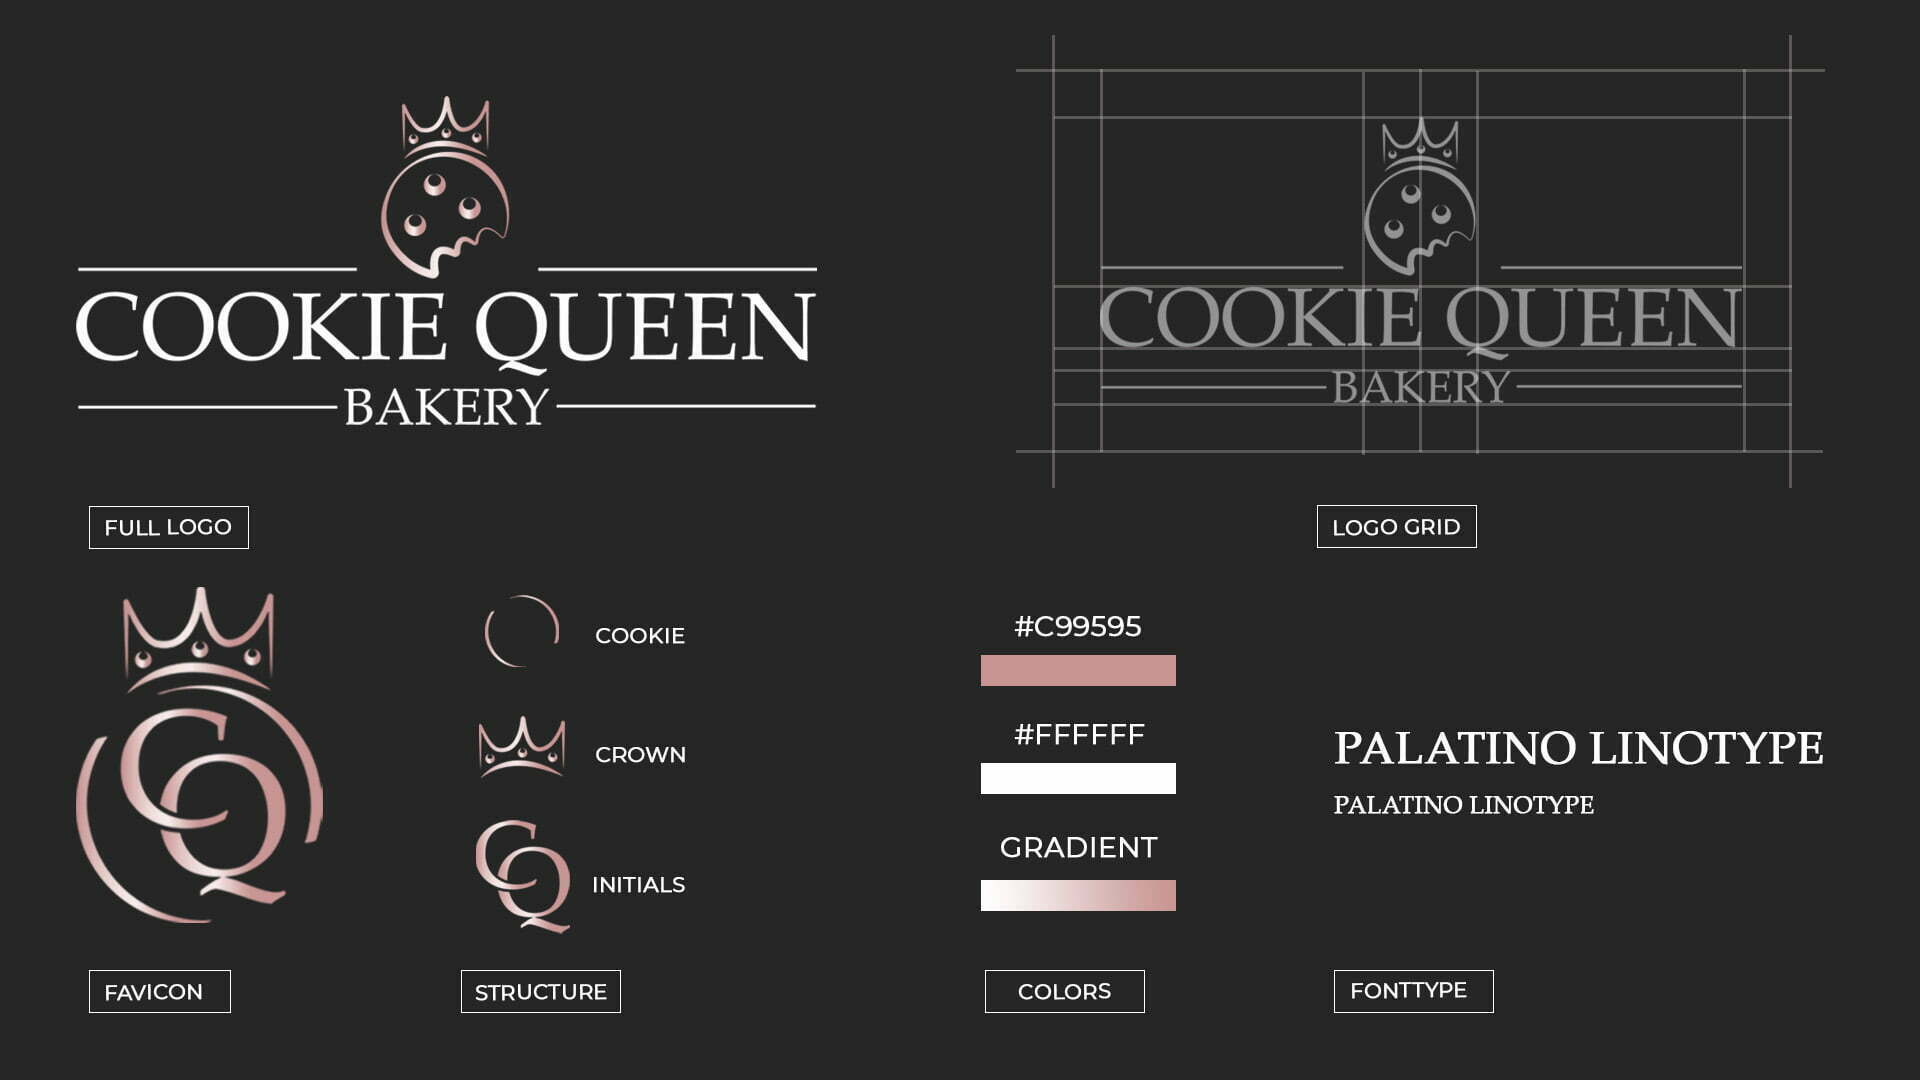 CookieQueen Logo Structure